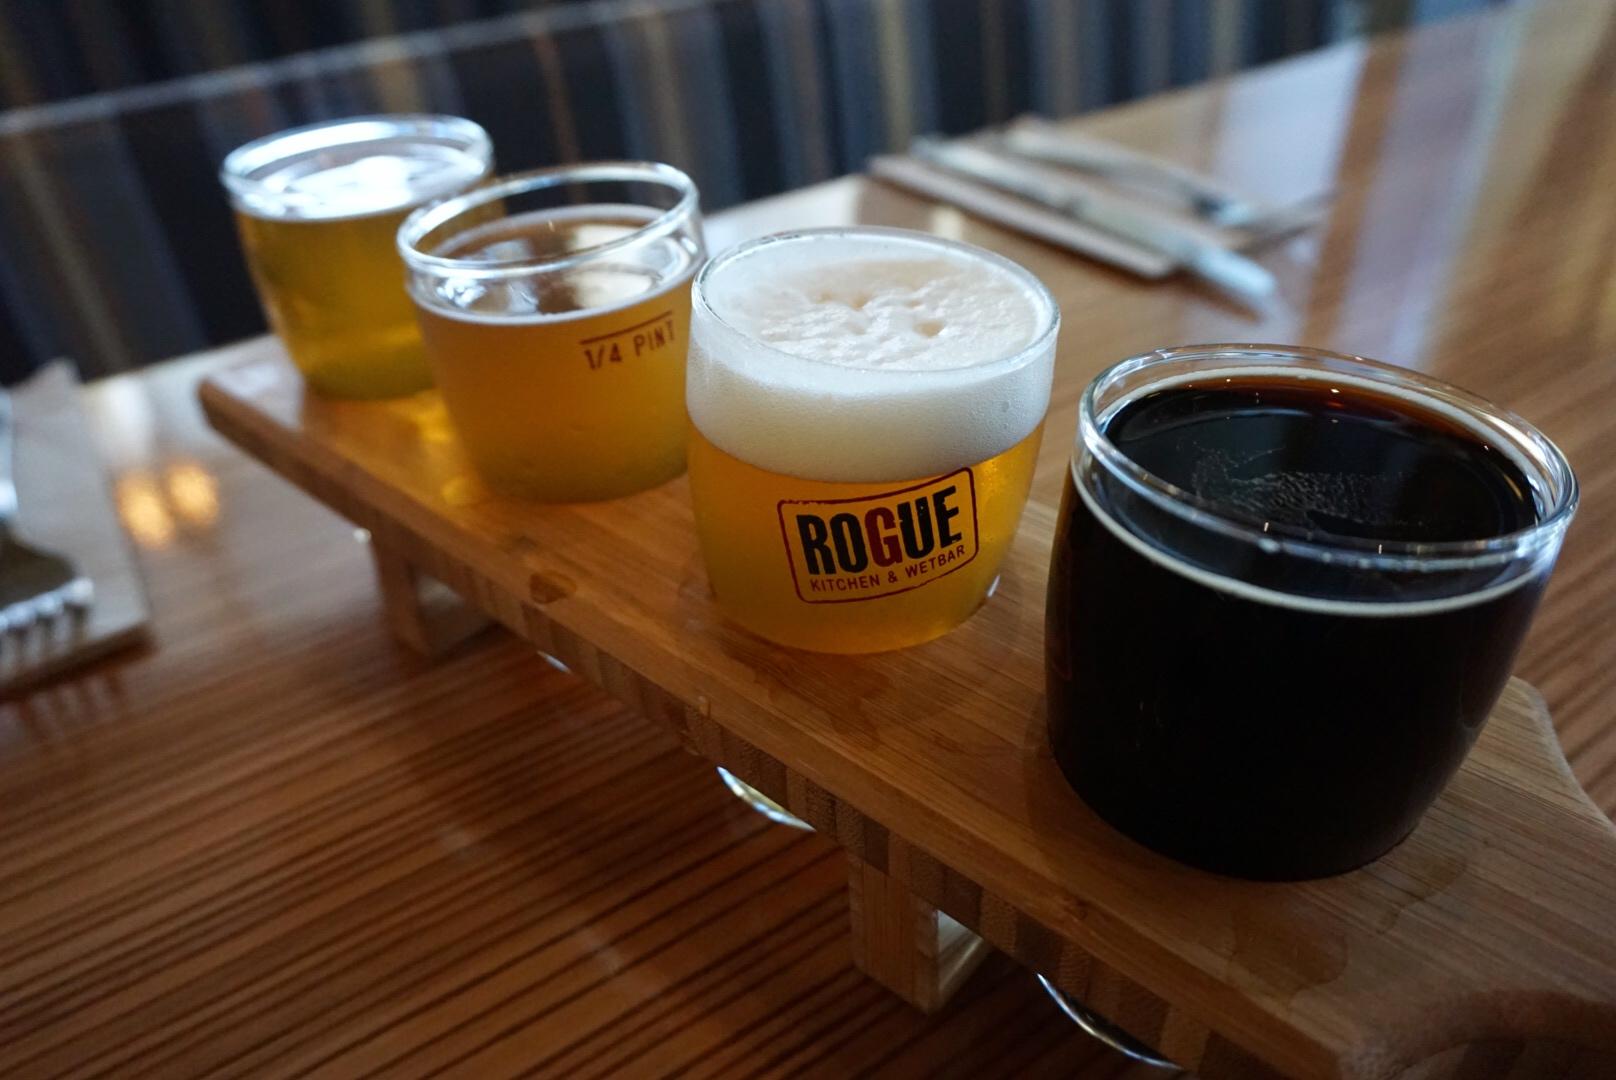 alesmith brewing craft beer vancouver beerthirst rogue kitchen & wetbar vanpours